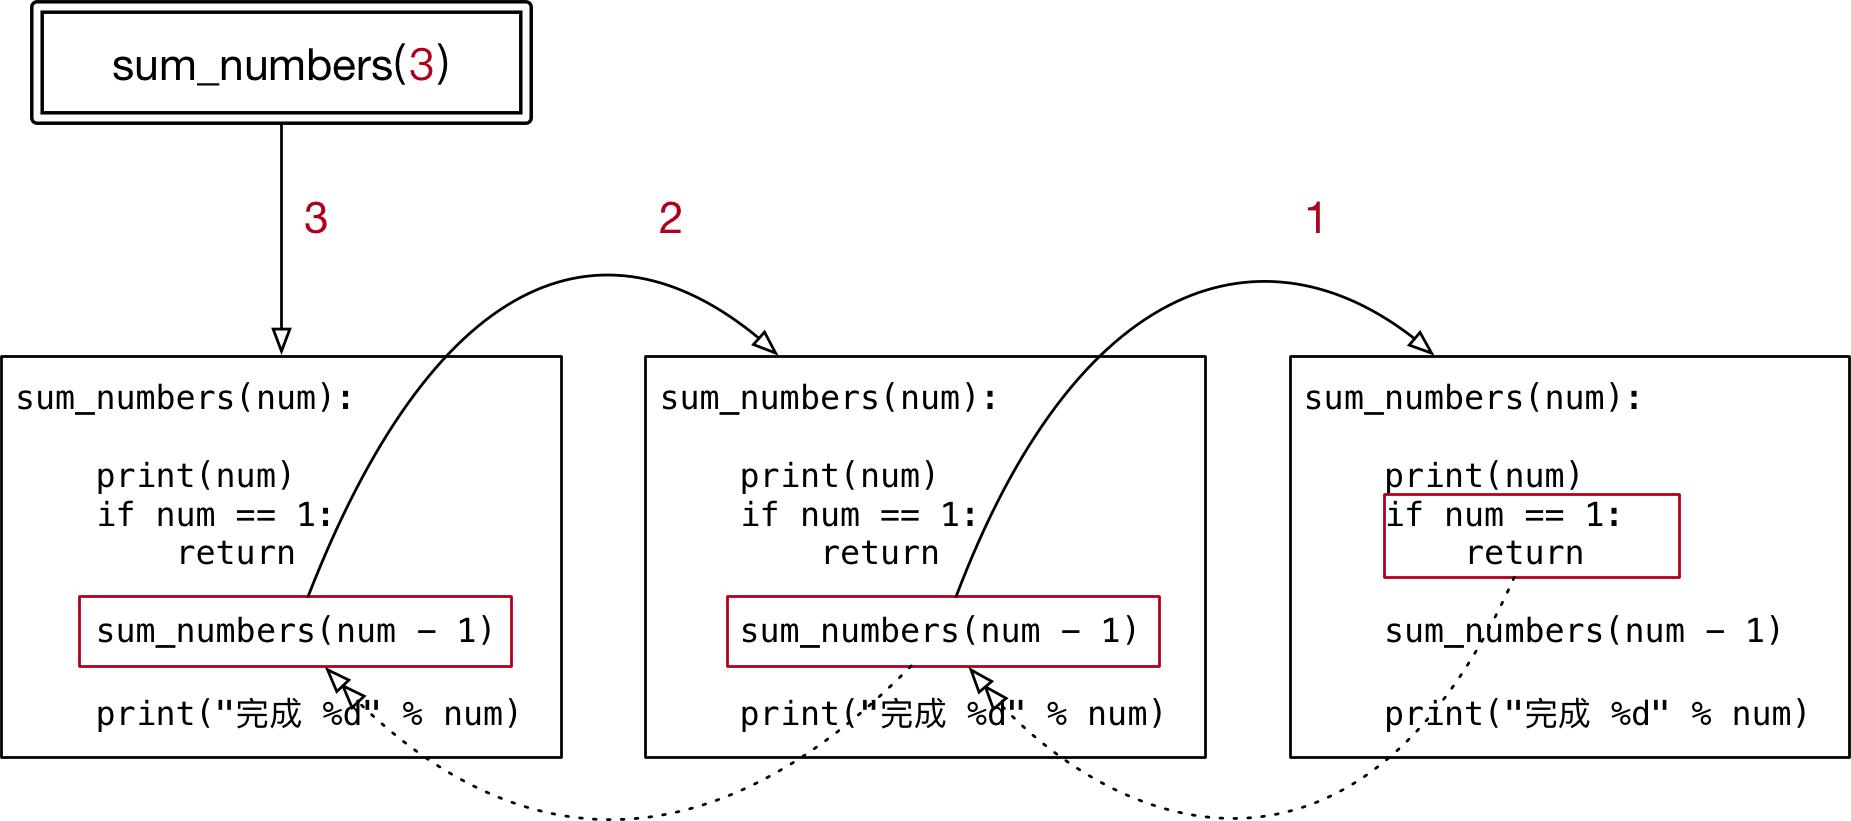 002_递归调用示意图I.png